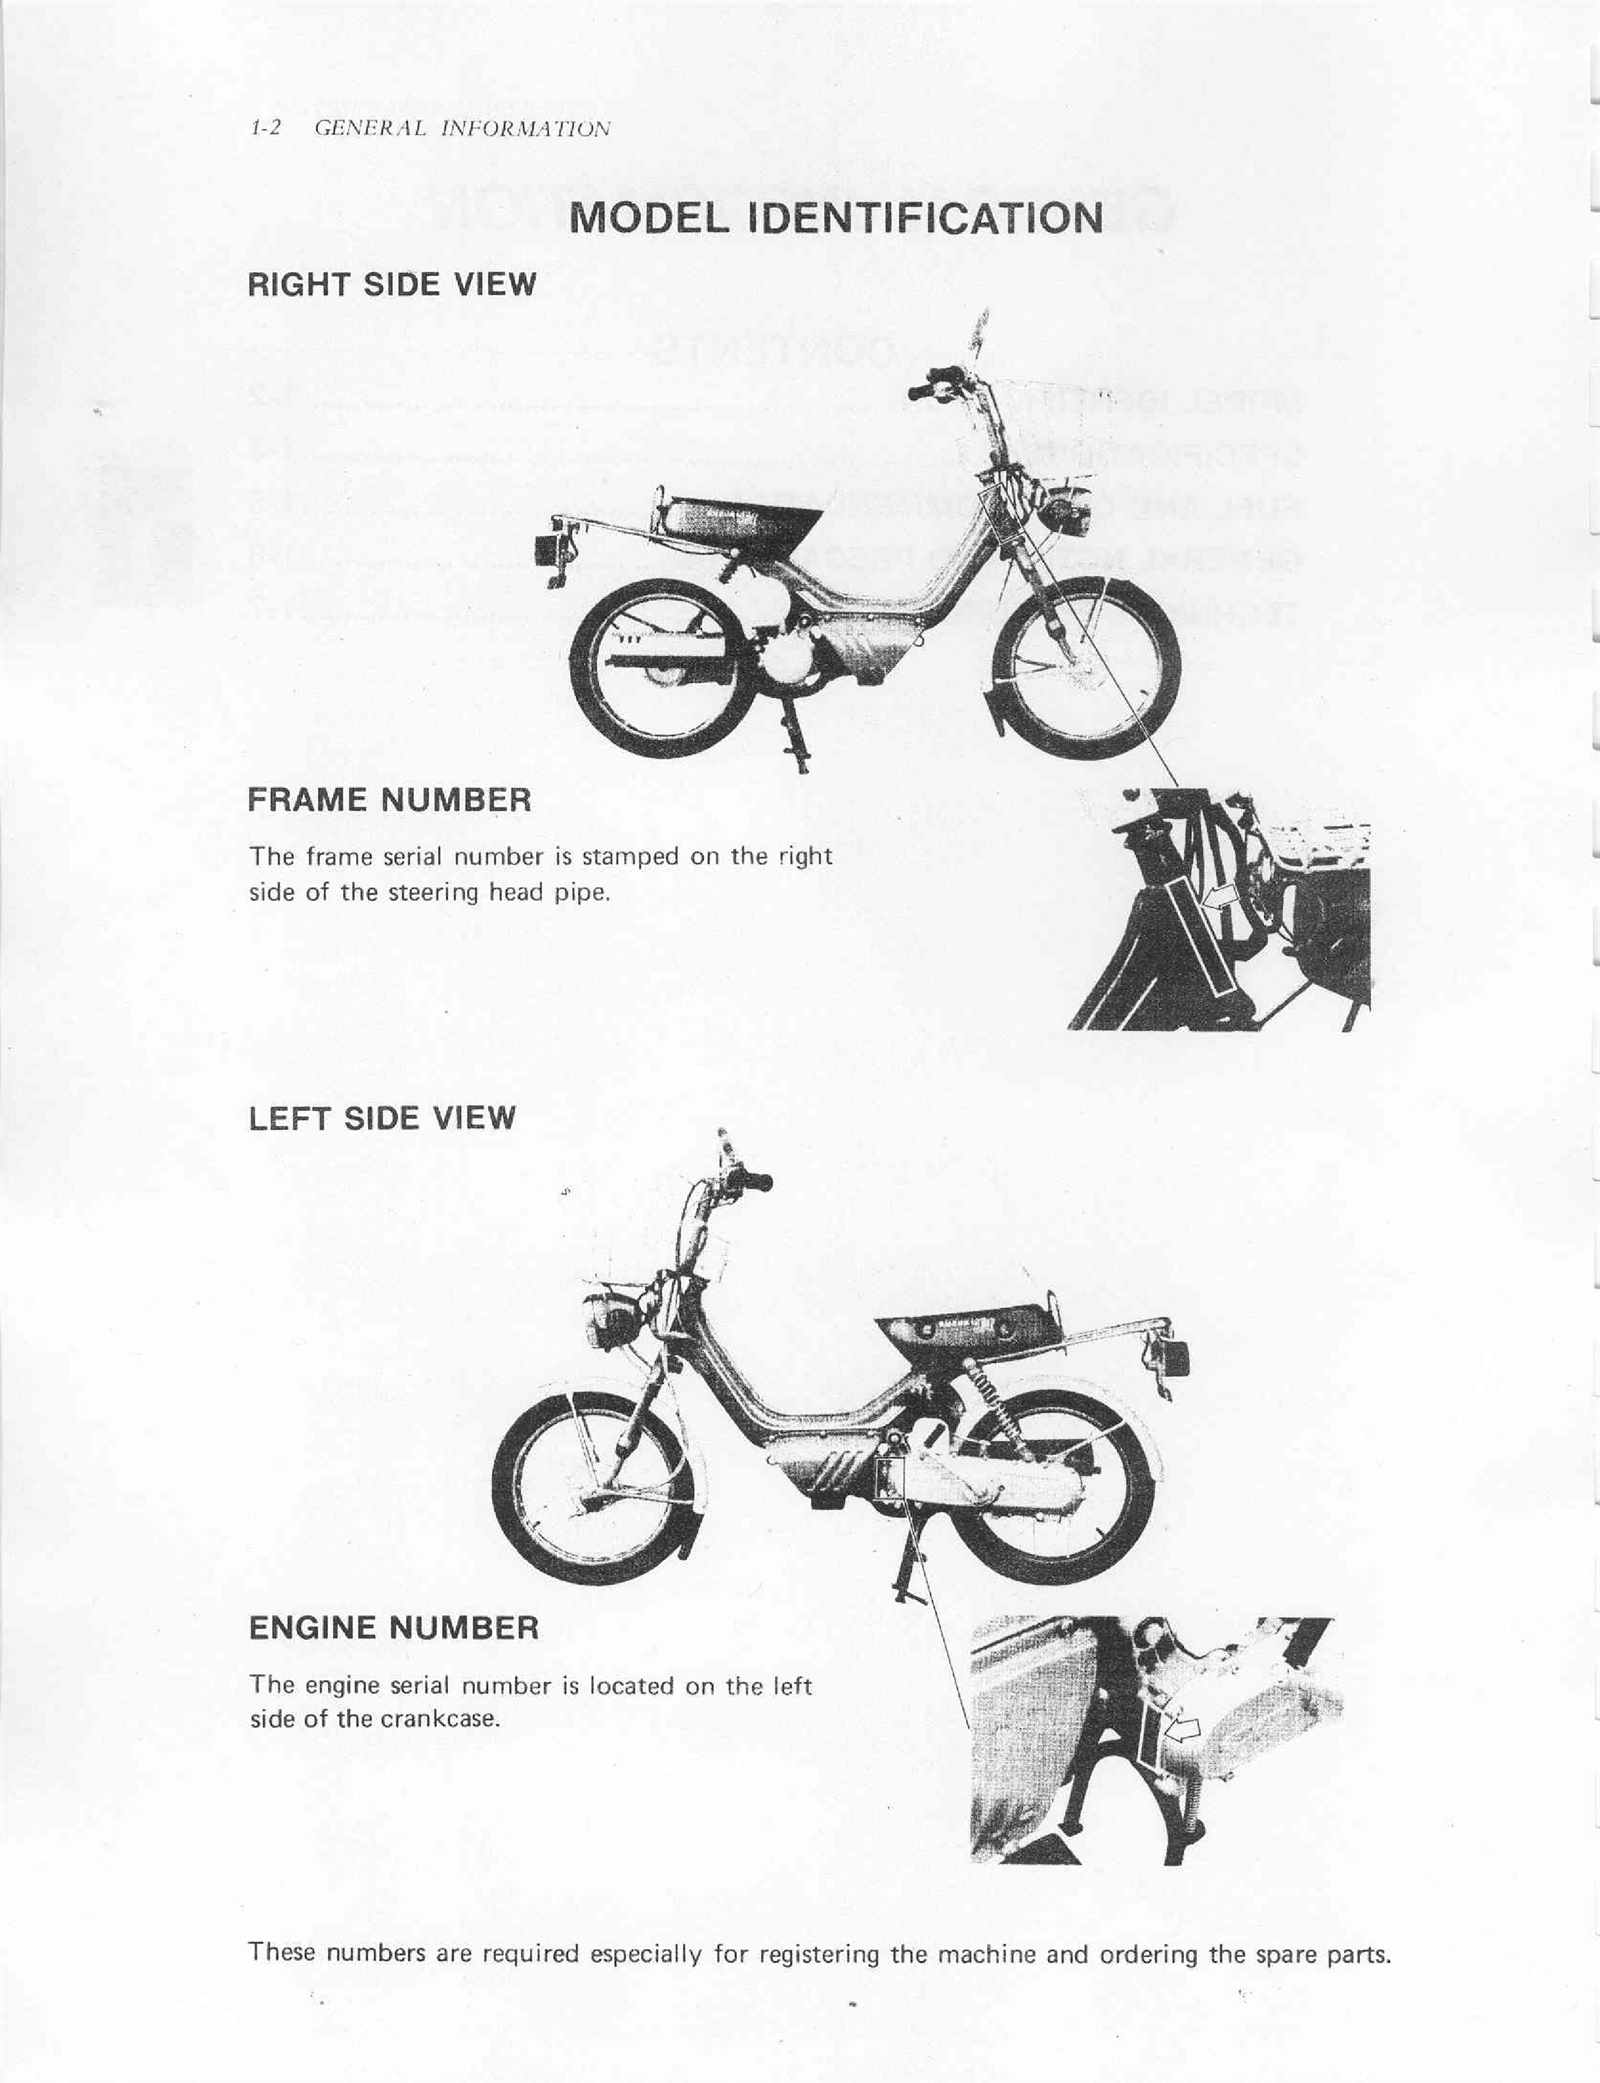 Suzuki FA50 1980 Service Manual Free Download